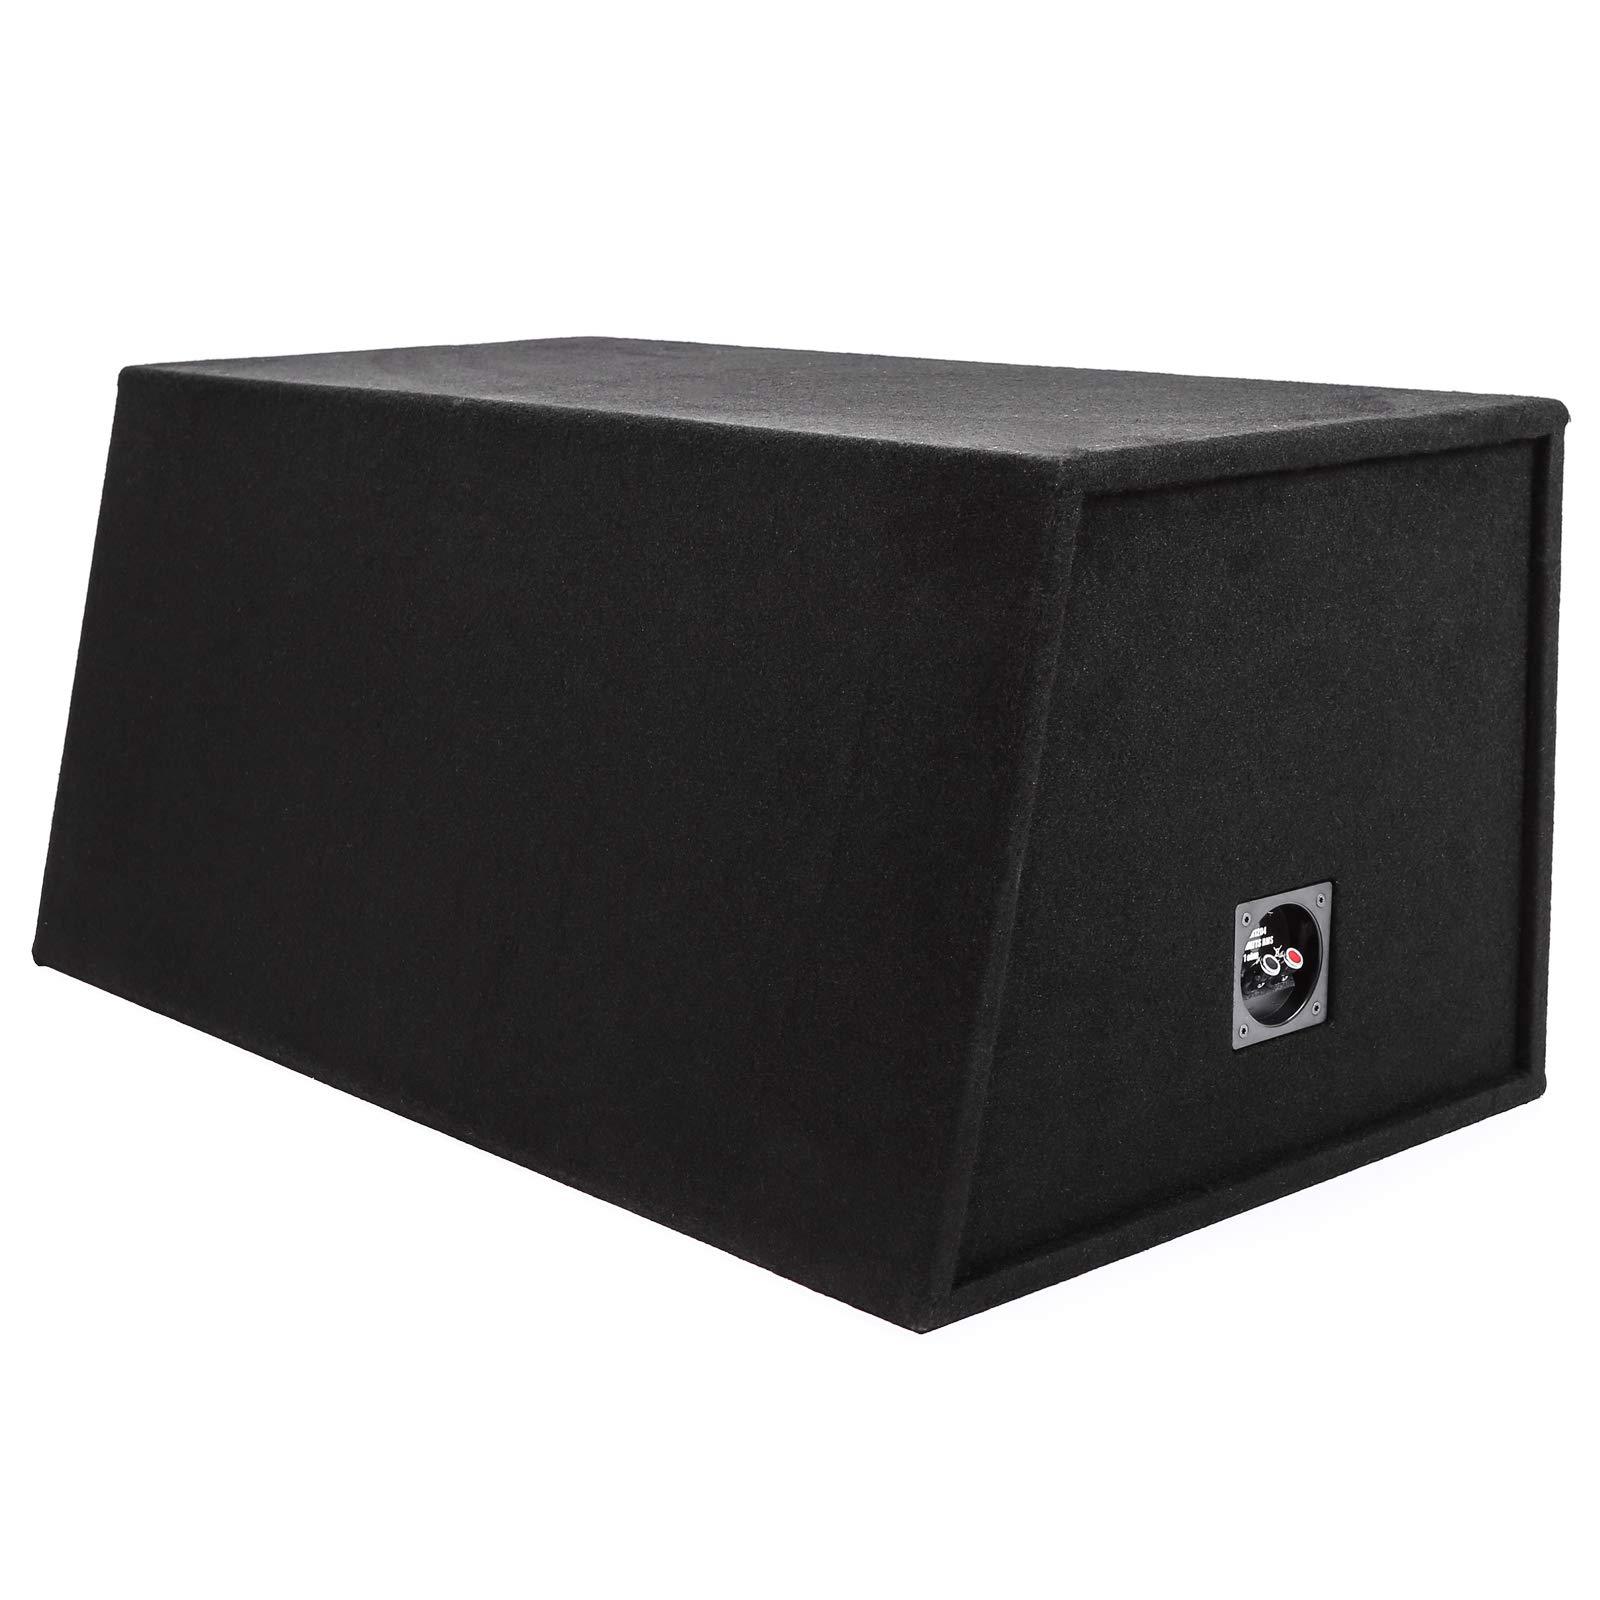 Skar Audio Dual 12'' 5000W Loaded EVL Series Vented Subwoofer Enclosure | EVL-2X12D4 by Skar Audio (Image #4)